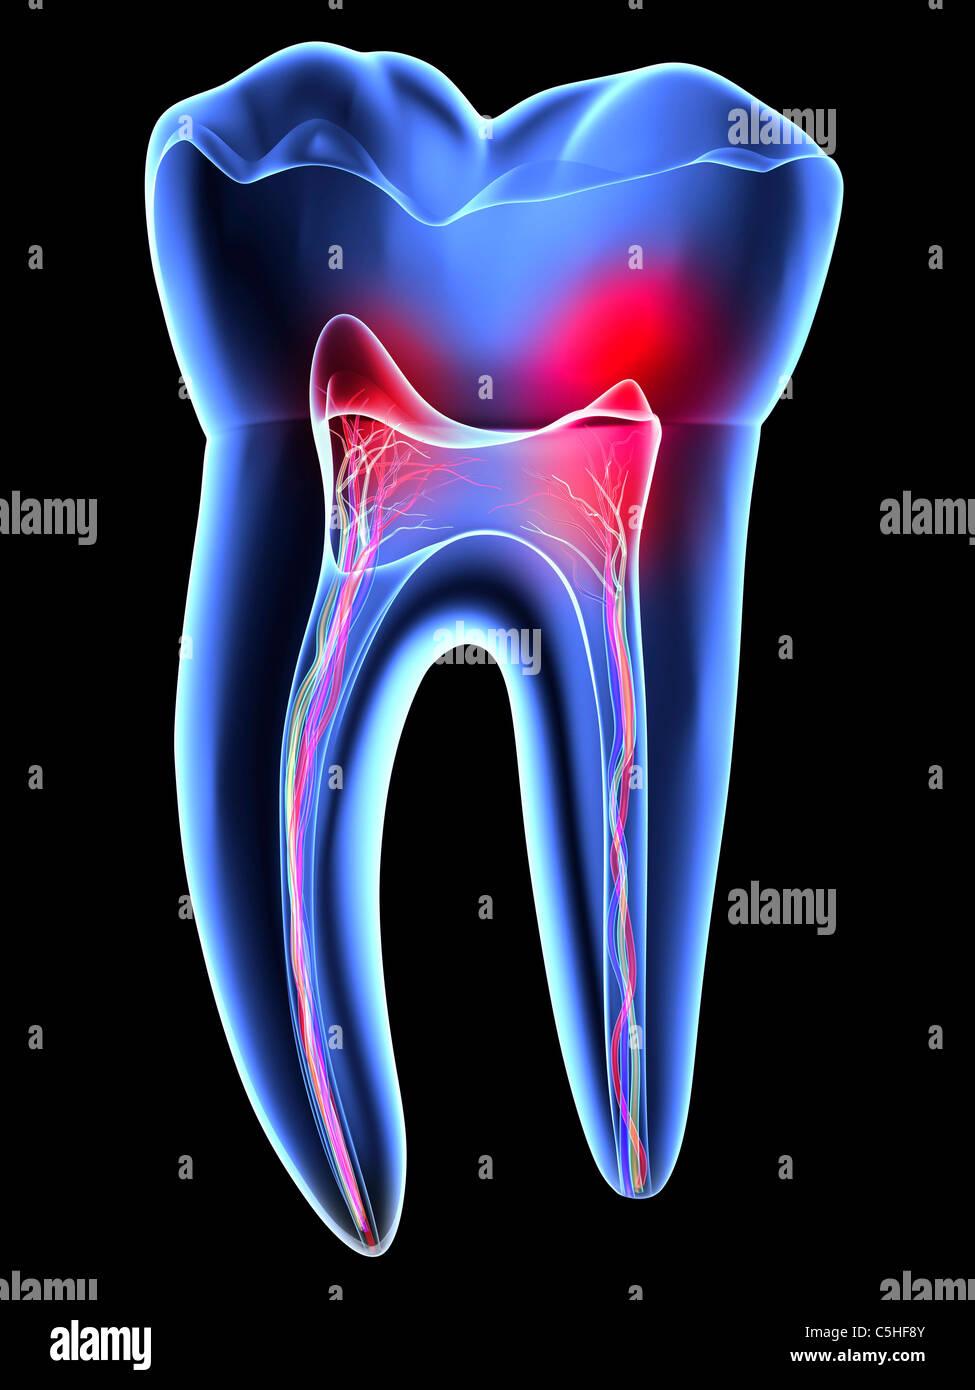 Dolor de dientes o muelas Imagen De Stock